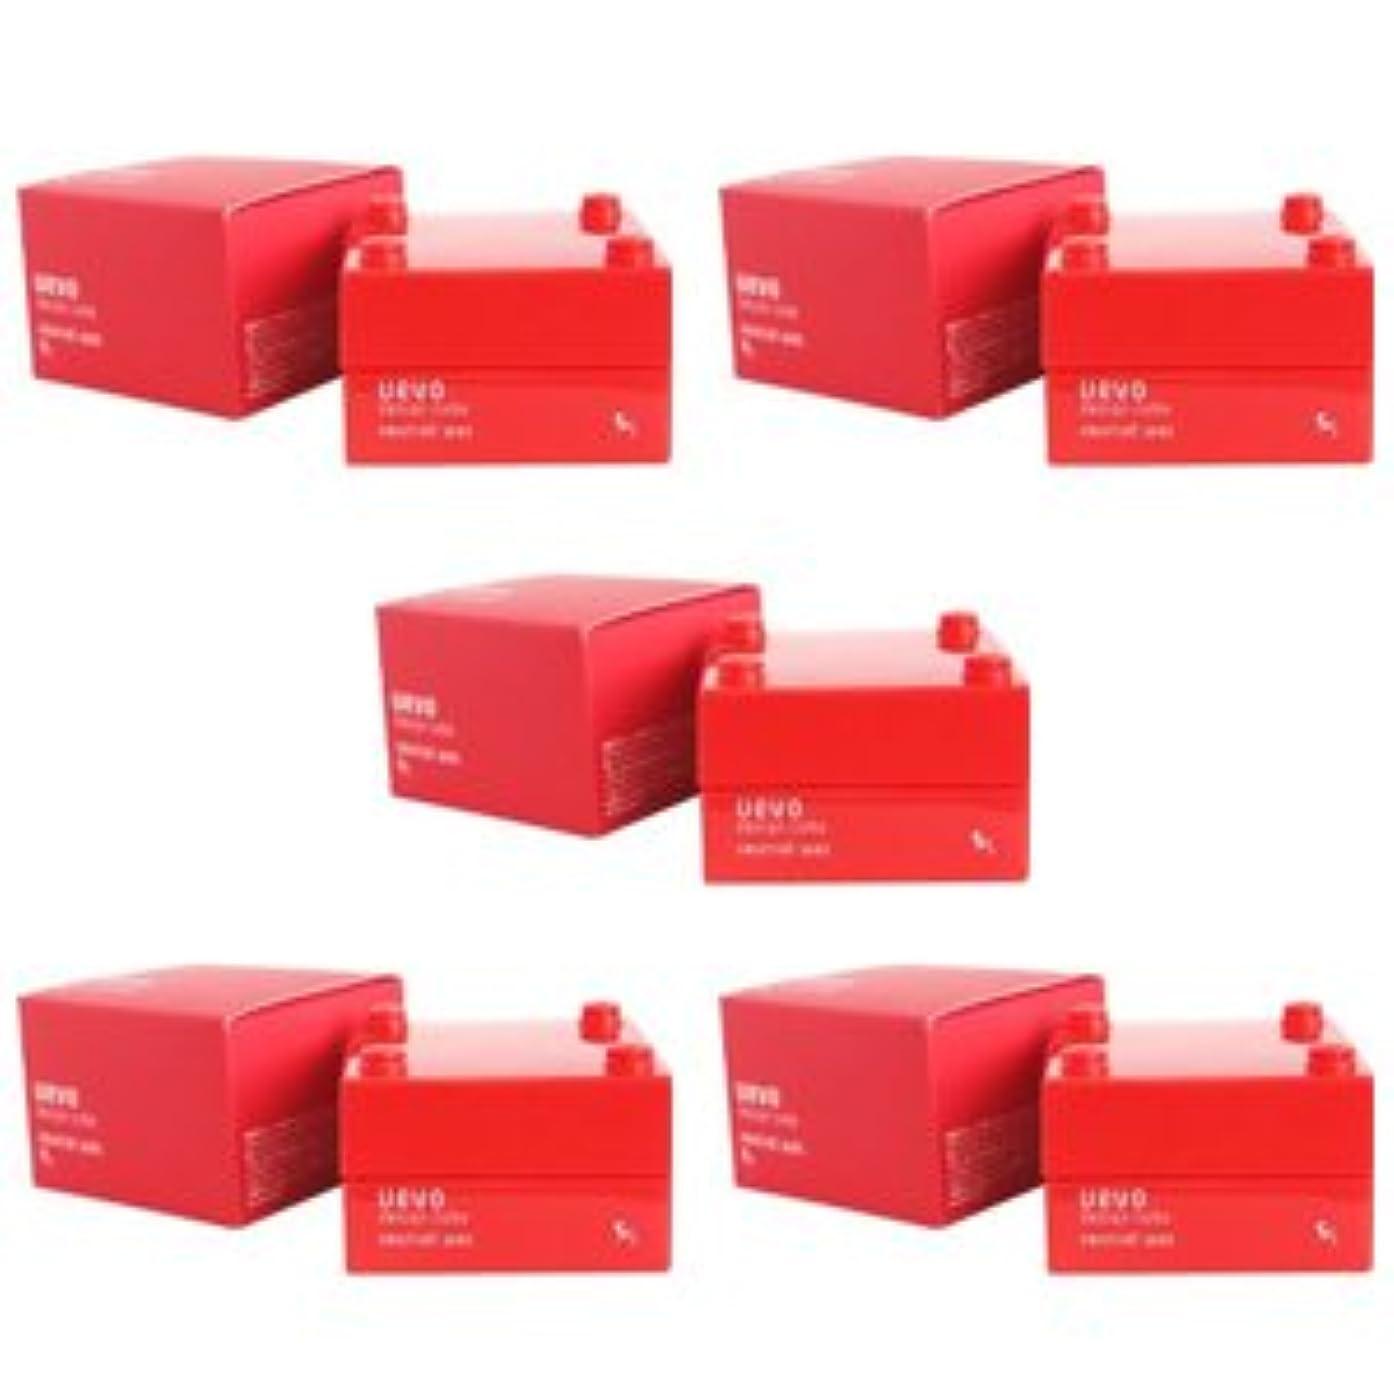 崇拝します宿ロイヤリティ【X5個セット】 デミ ウェーボ デザインキューブ ニュートラルワックス 30g neutral wax DEMI uevo design cube